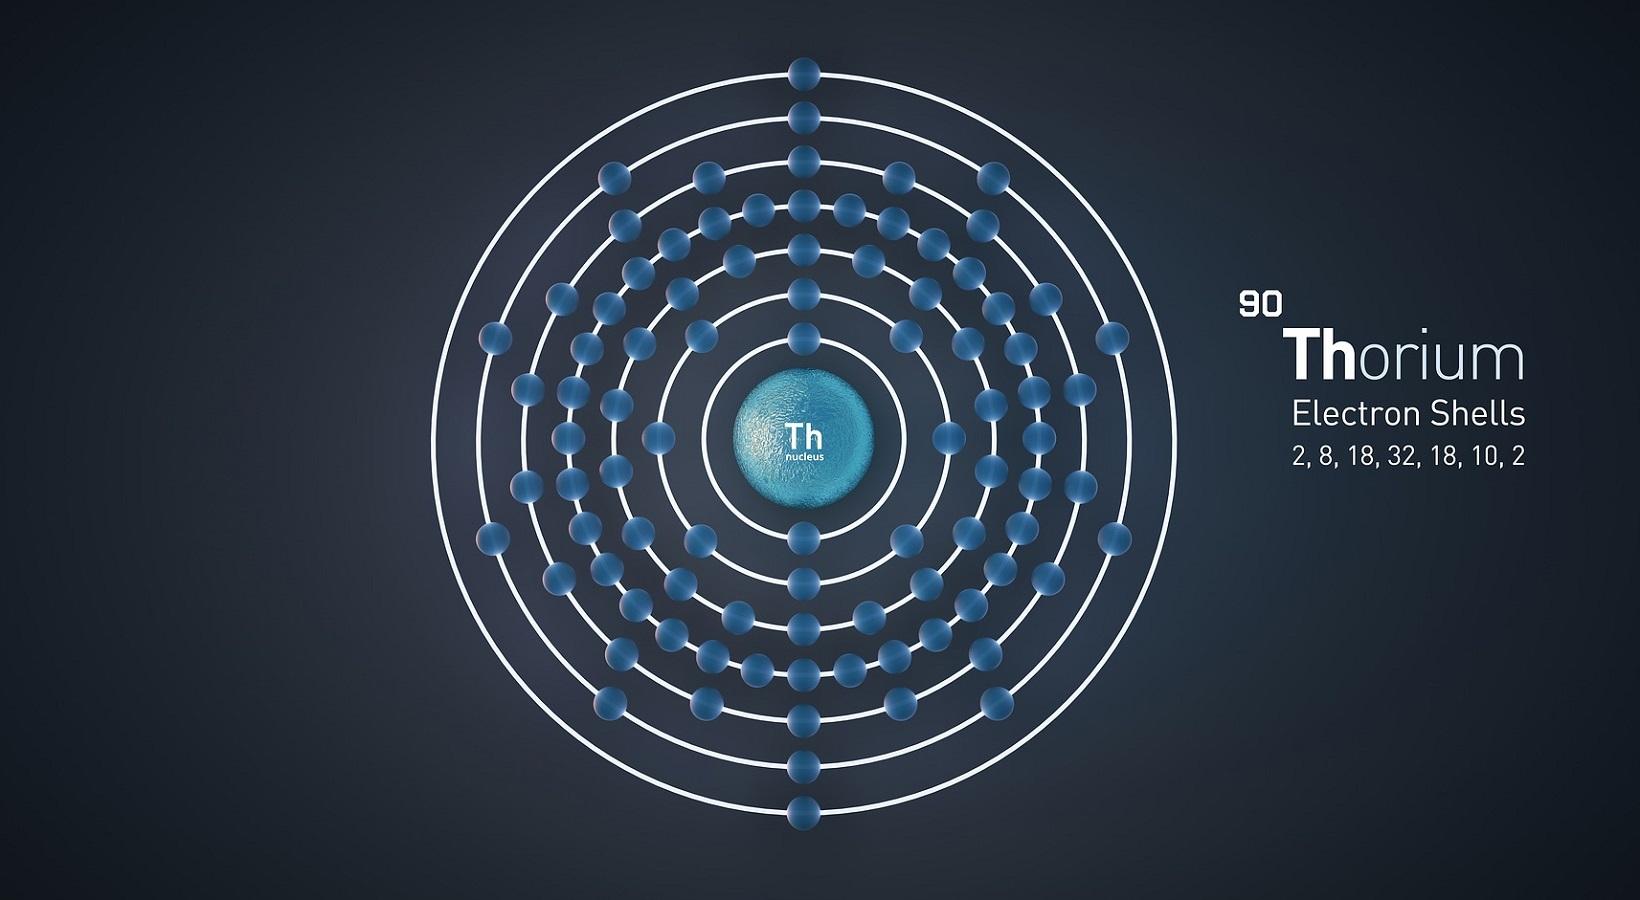 thorium-atom-1802359_1920.jpg